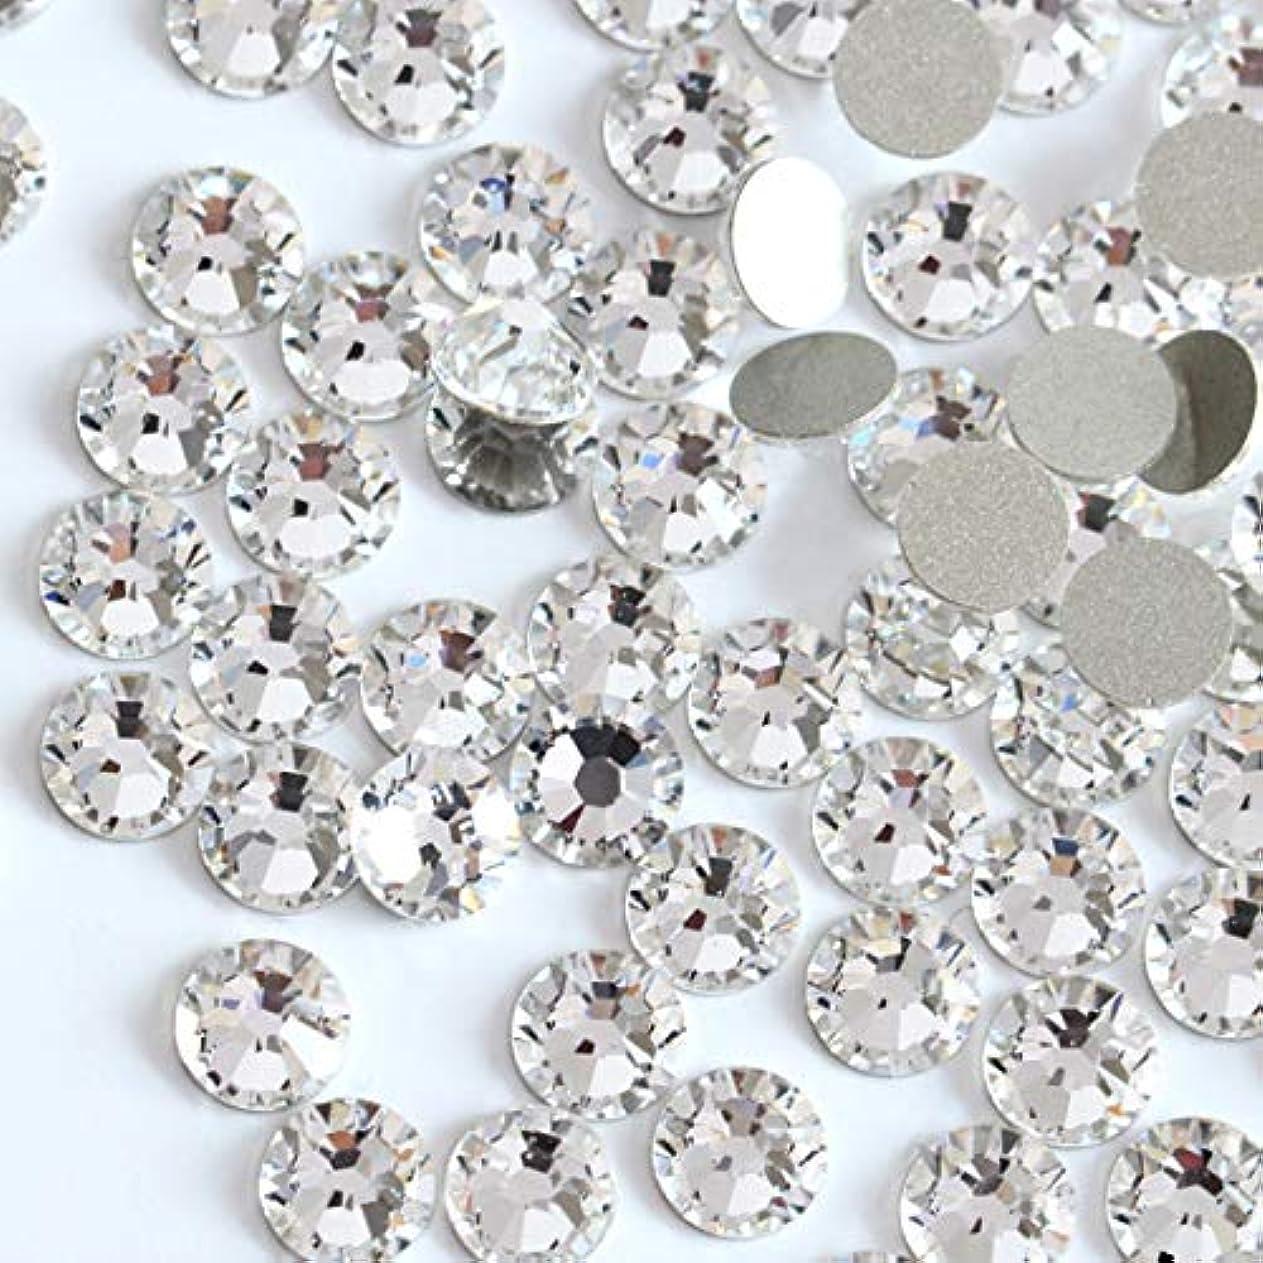 確認する教える違法【ラインストーン77】高品質ガラス製ラインストーン クリスタル SS3(1.3mm)約1440粒